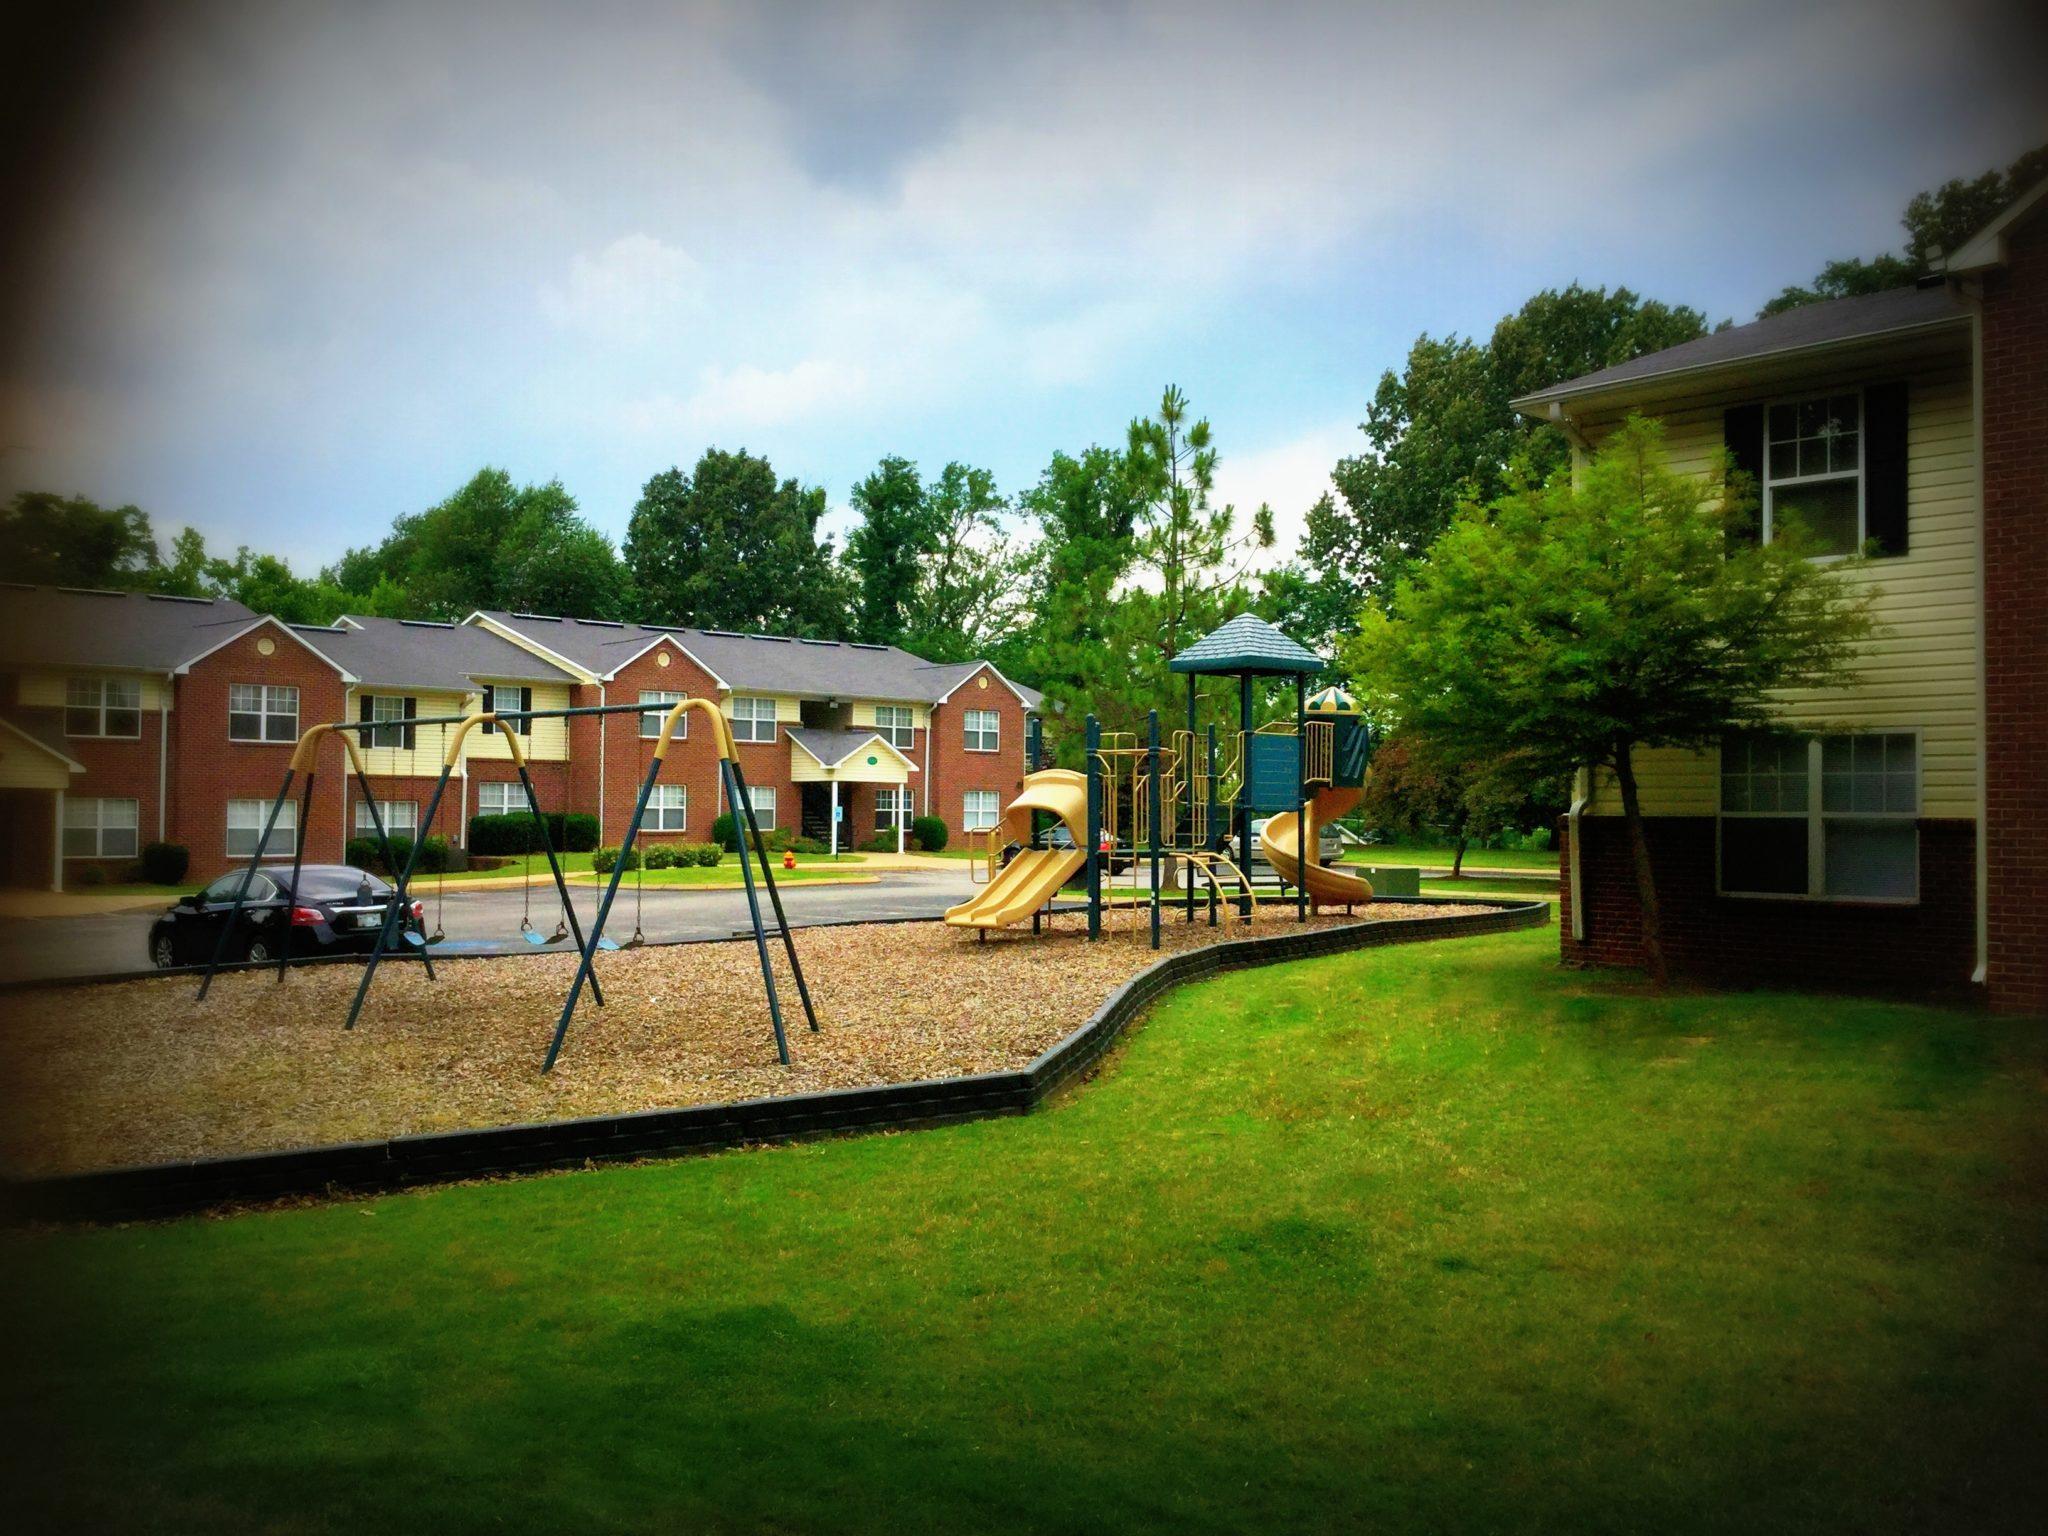 Riverbrook,Brownsville,Tn,playground1